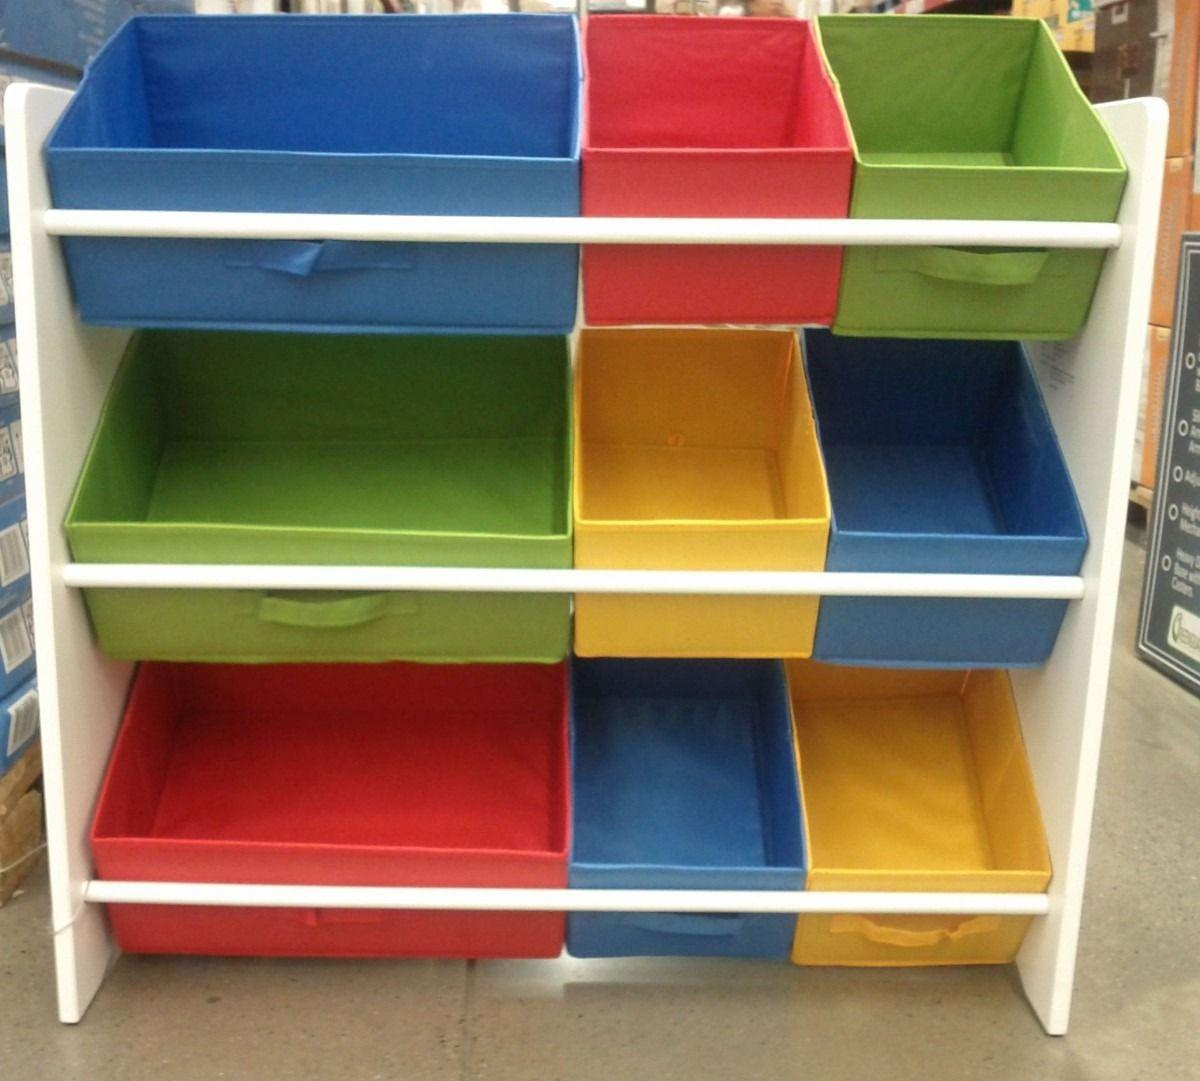 Organizador Infantil Caixas Para Brinquedos Estante Caixa Para